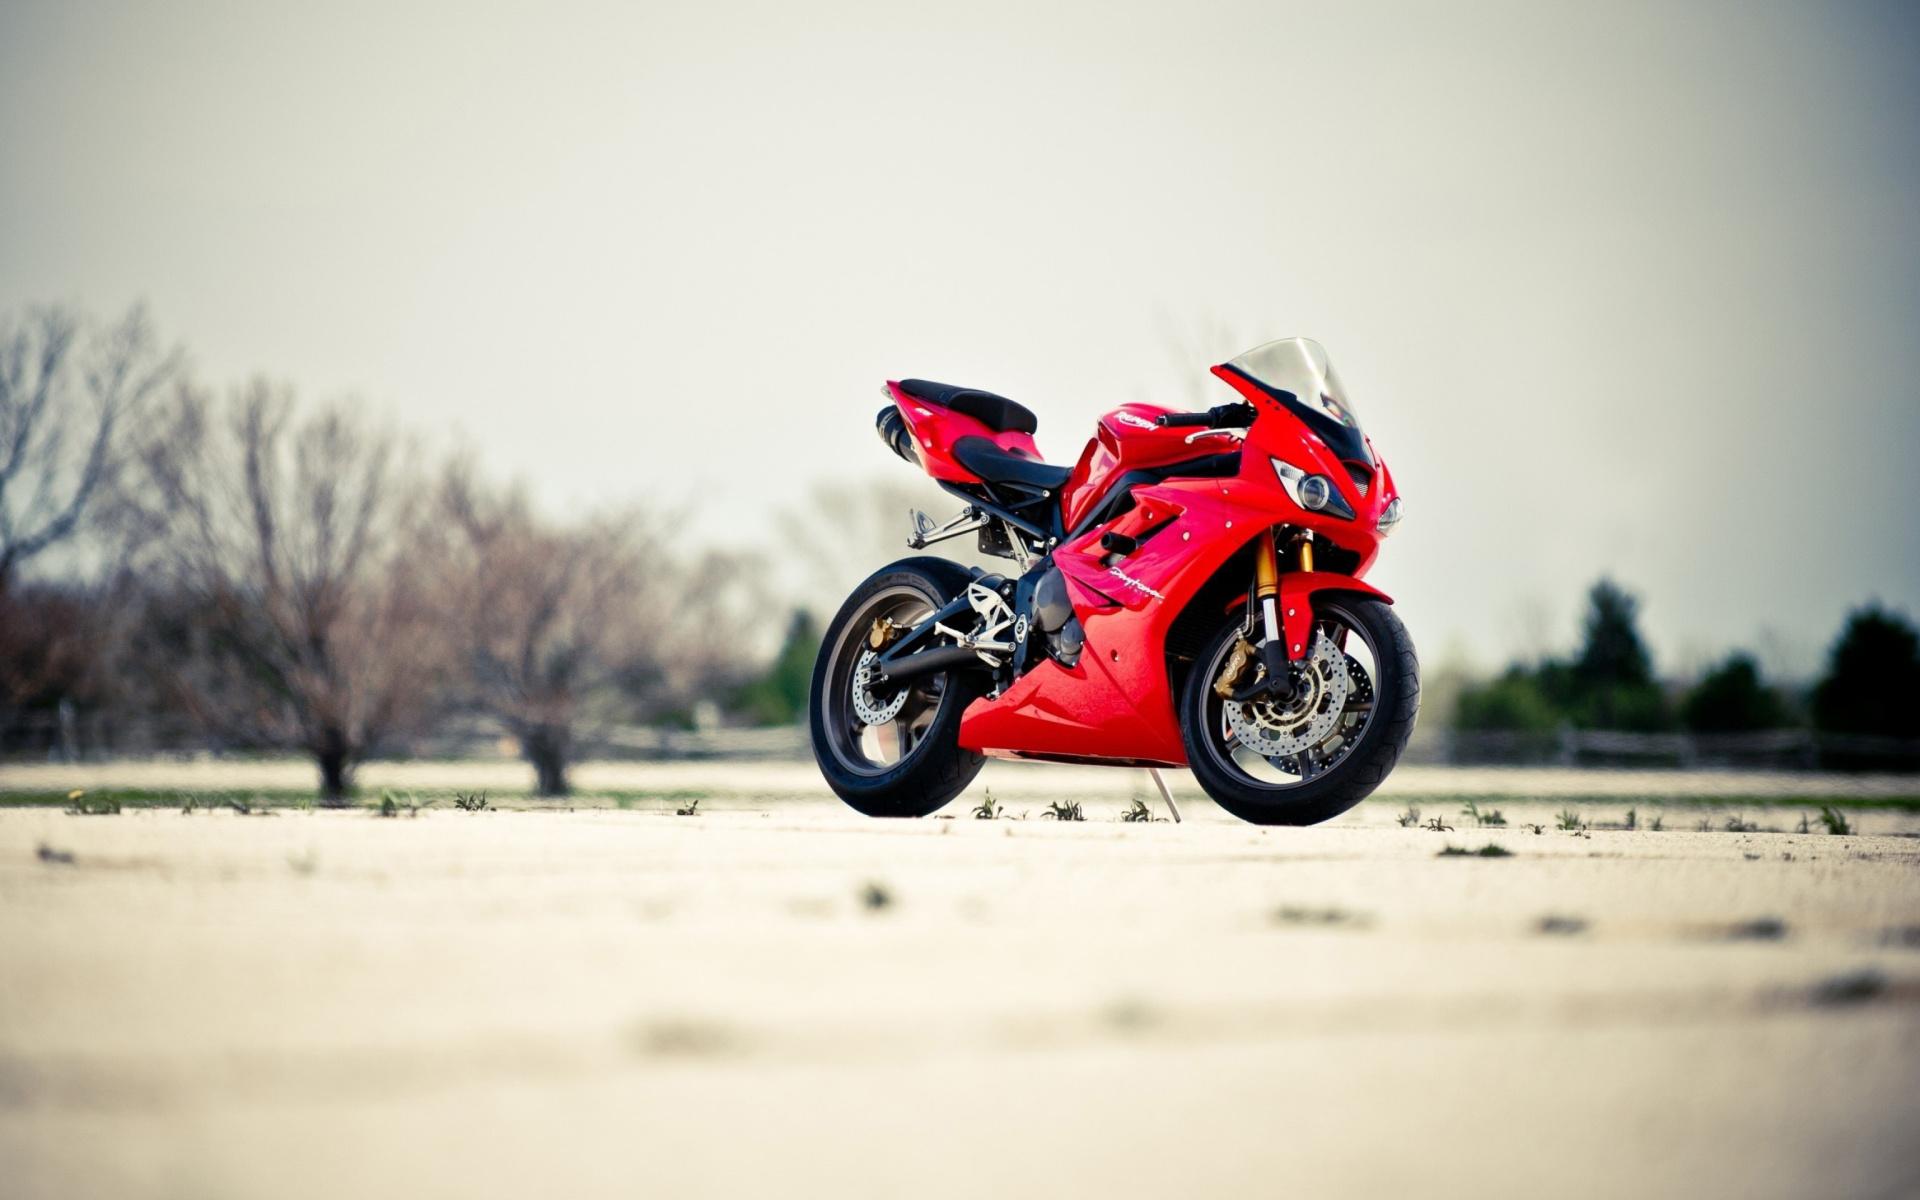 мотоциклы фото обои на рабочий стол № 596556 загрузить